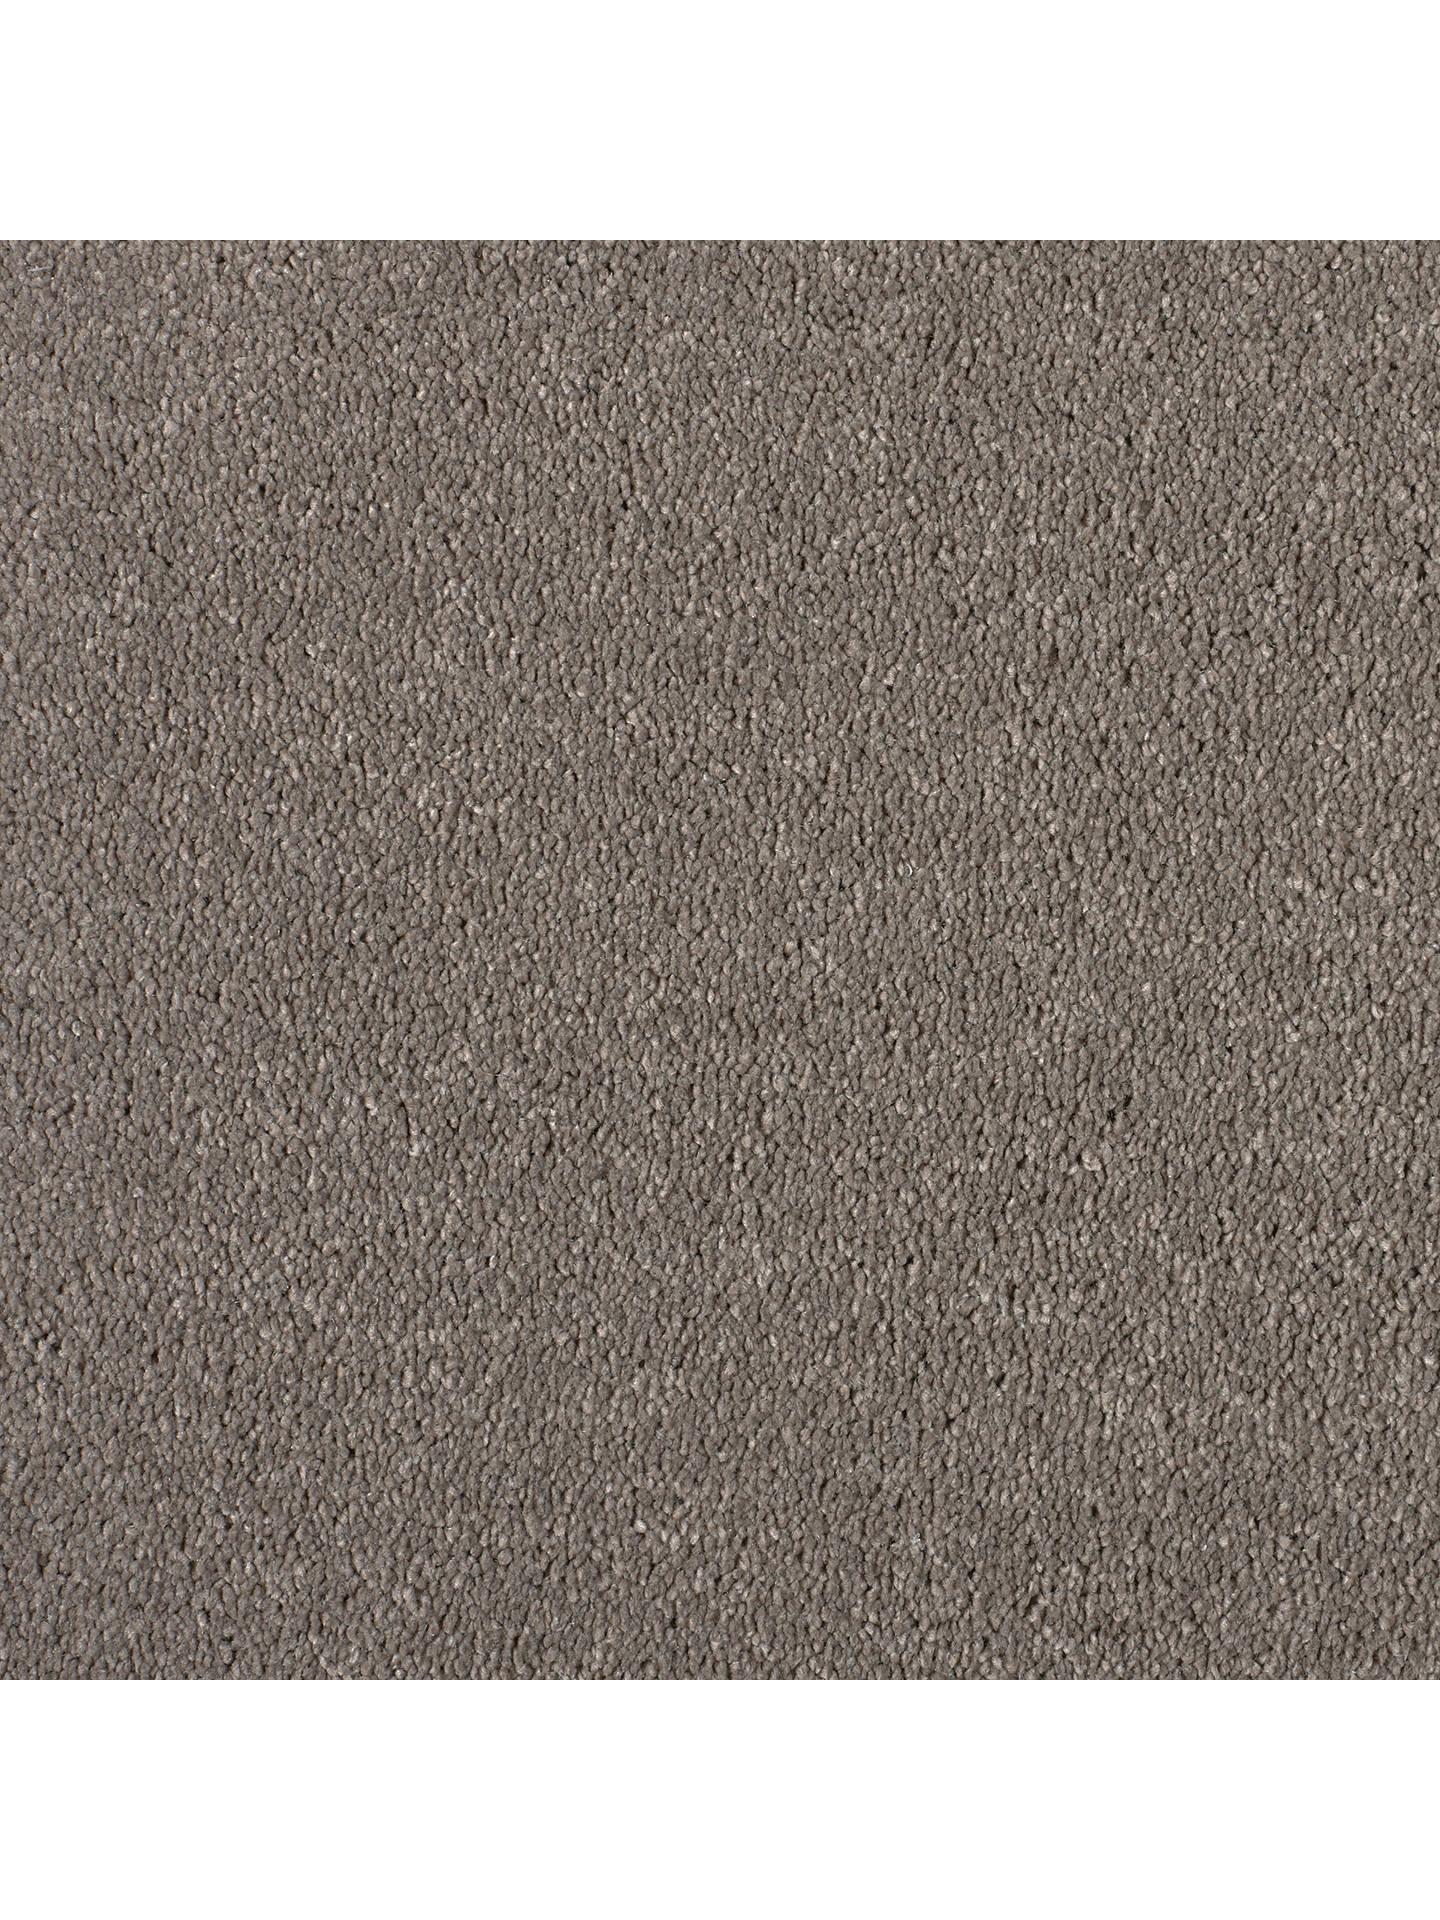 john lewis soft twist carpet at john lewis partners. Black Bedroom Furniture Sets. Home Design Ideas